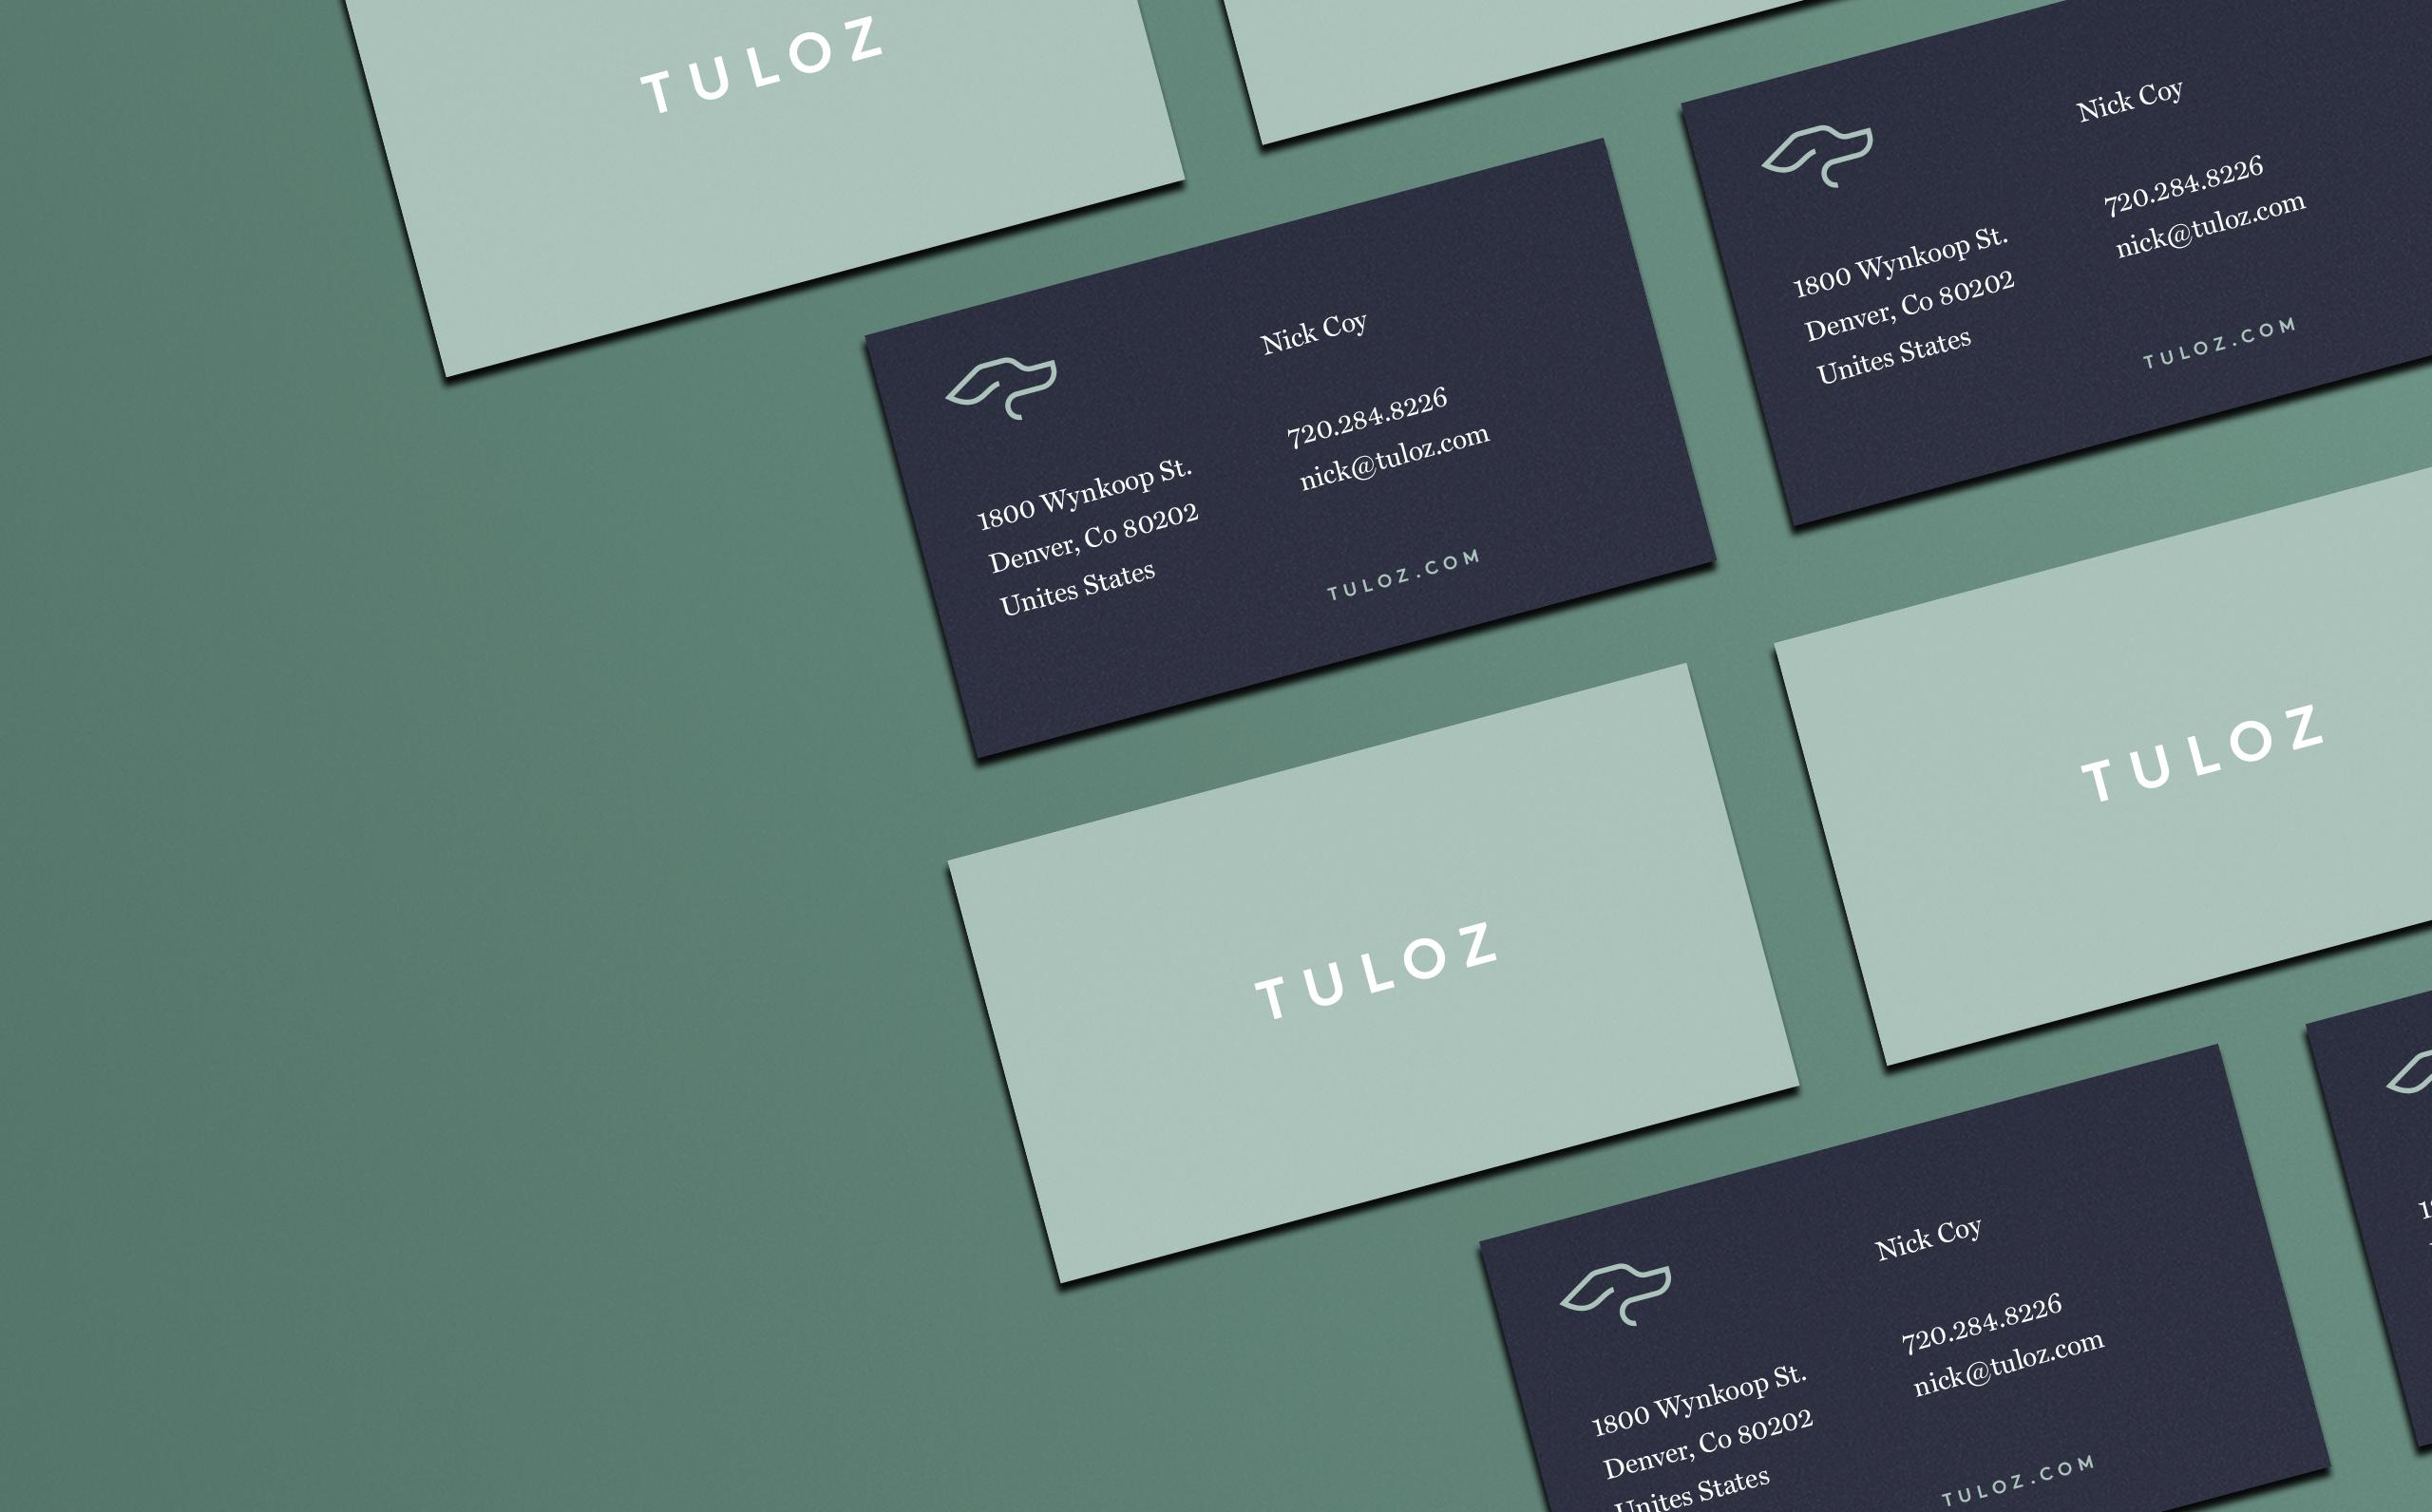 Tuloz_05